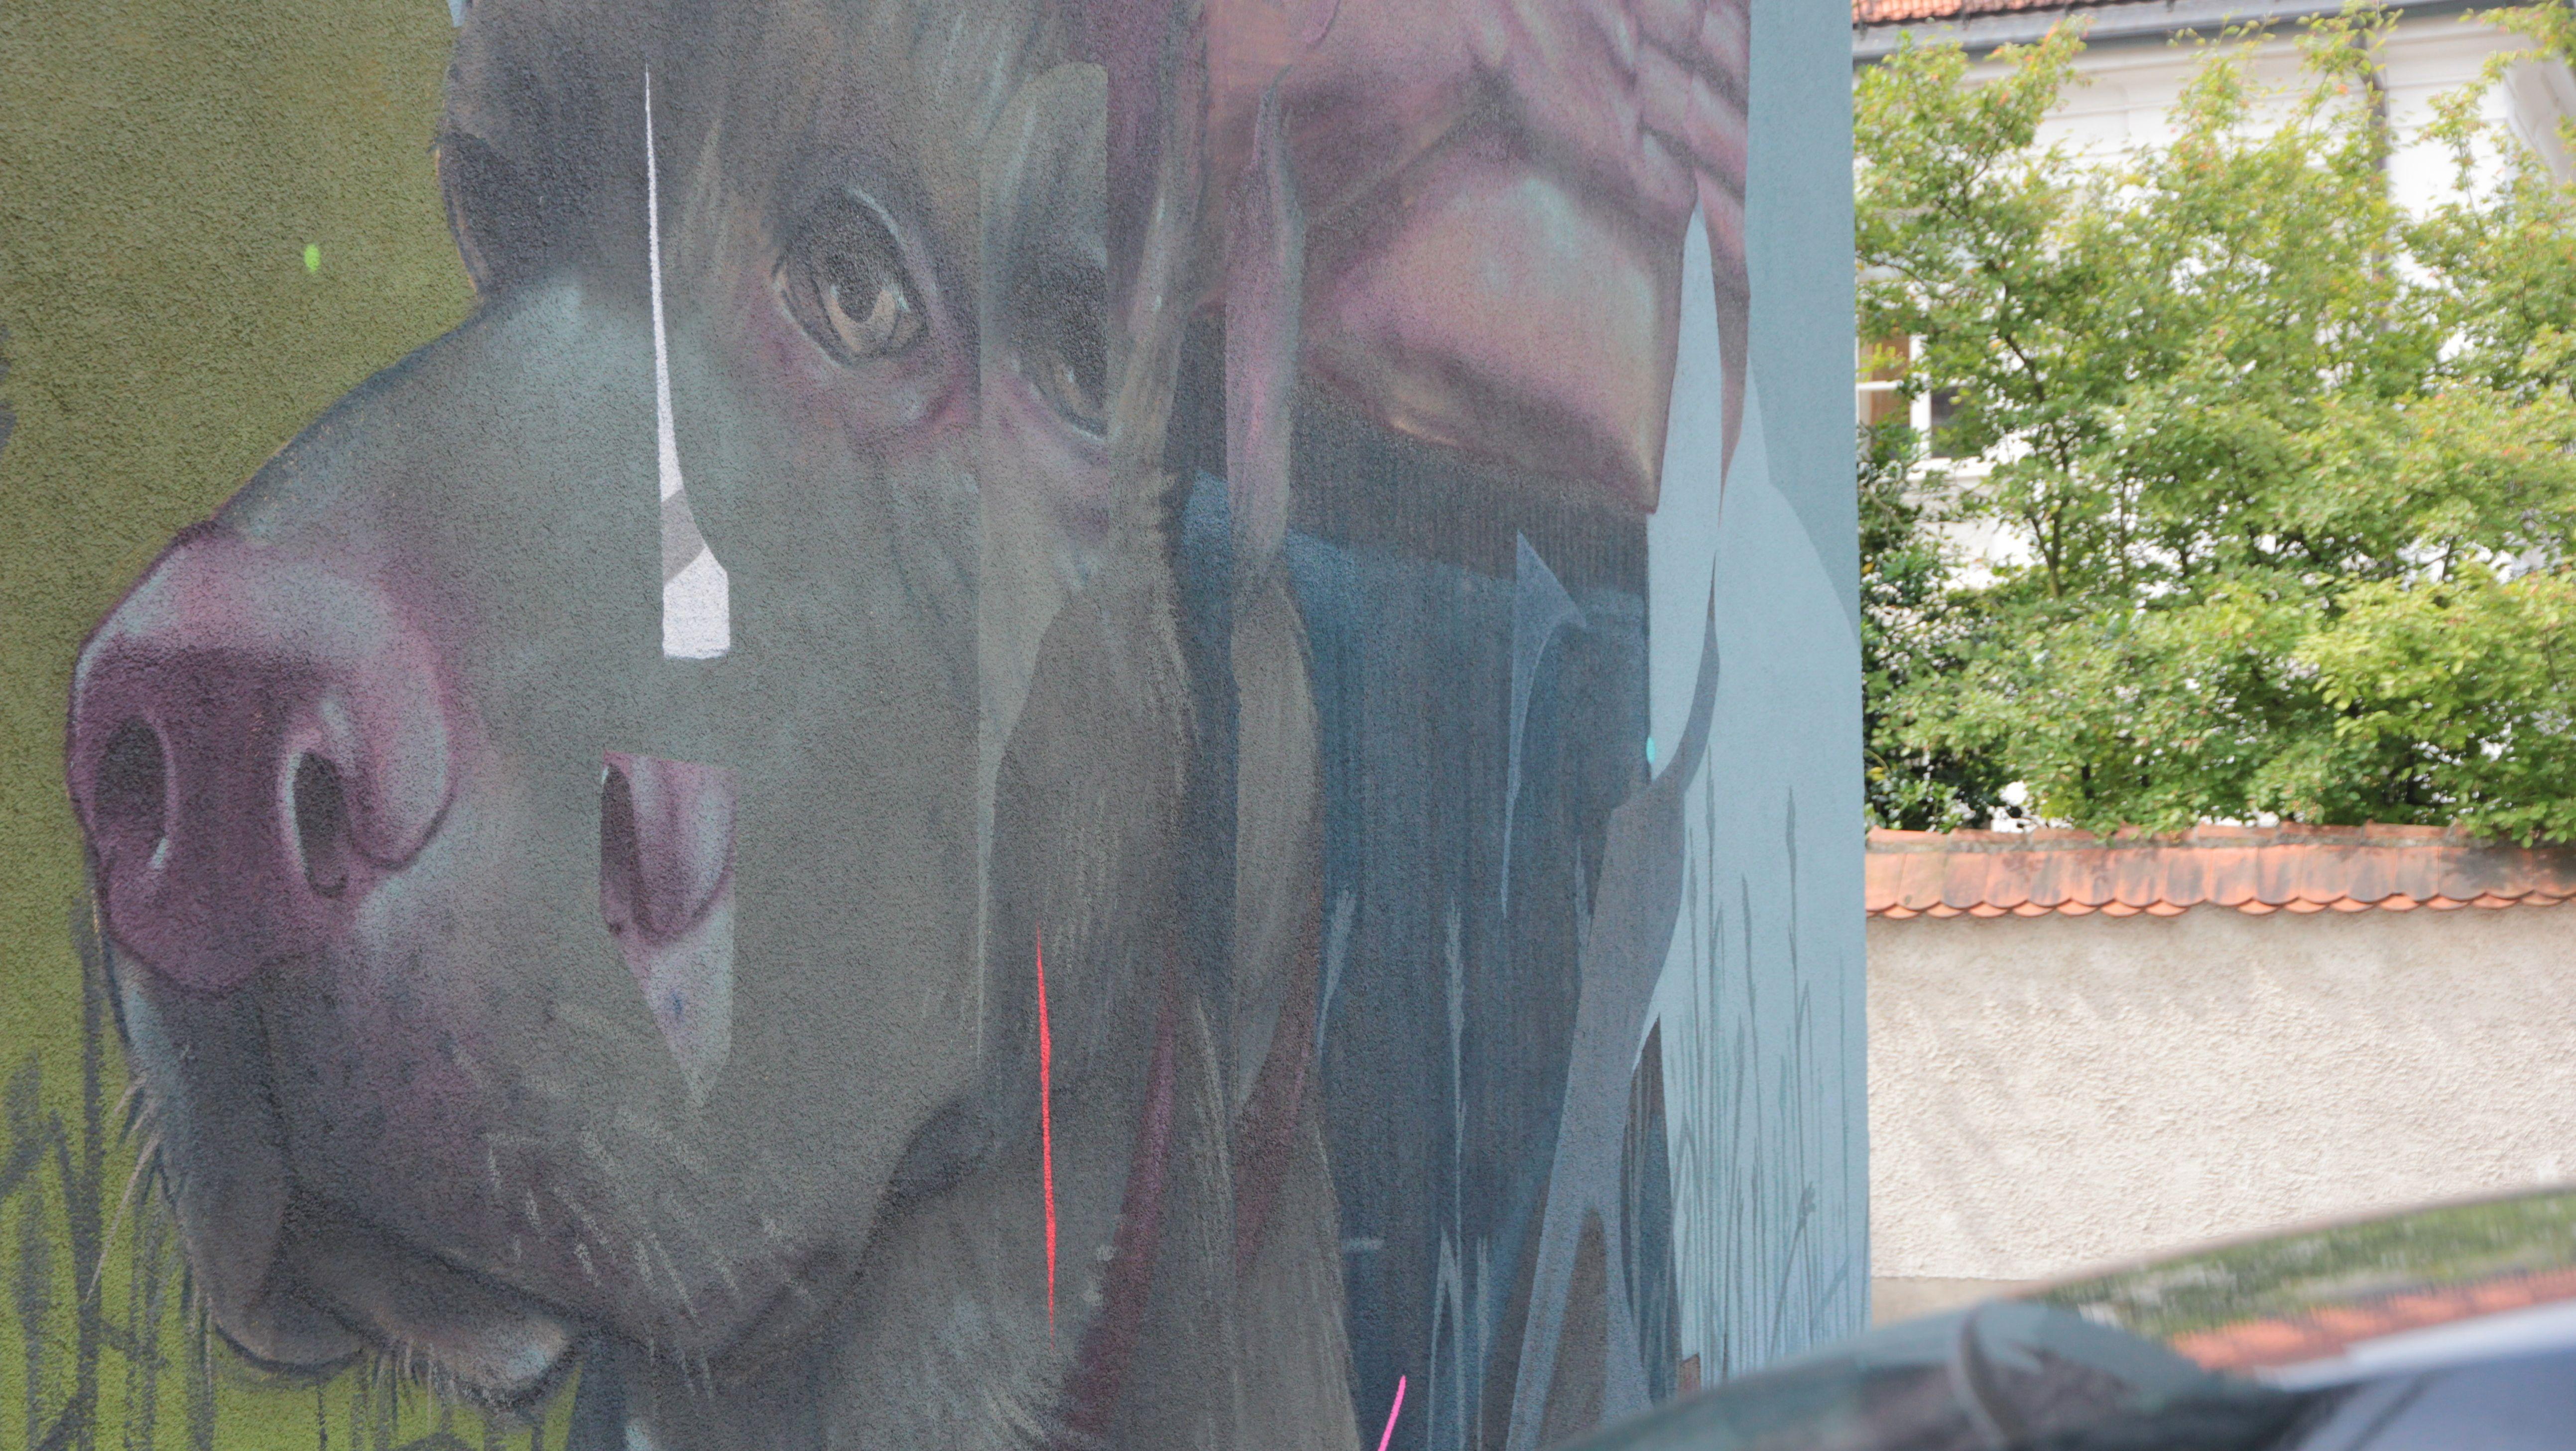 Hund von Mr. Woodland (Daniel Westermeier) im Dr. Ulrich-Weg 1 in Erding.